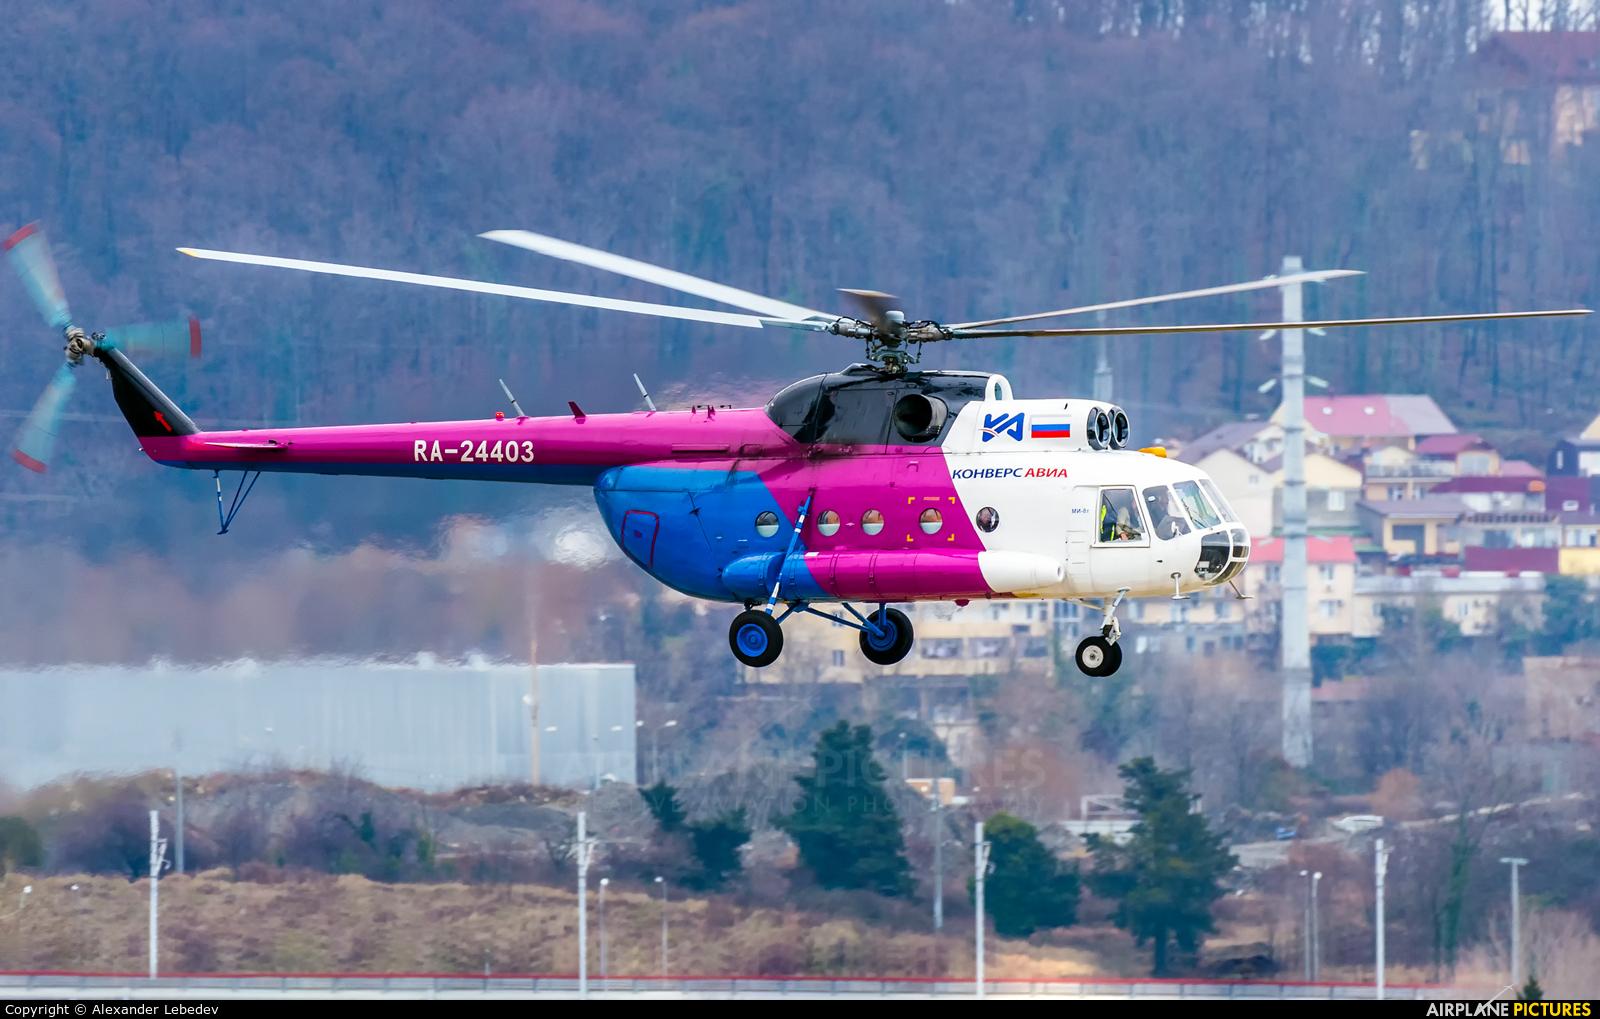 Aviatest RA-24403 aircraft at Sochi Intl